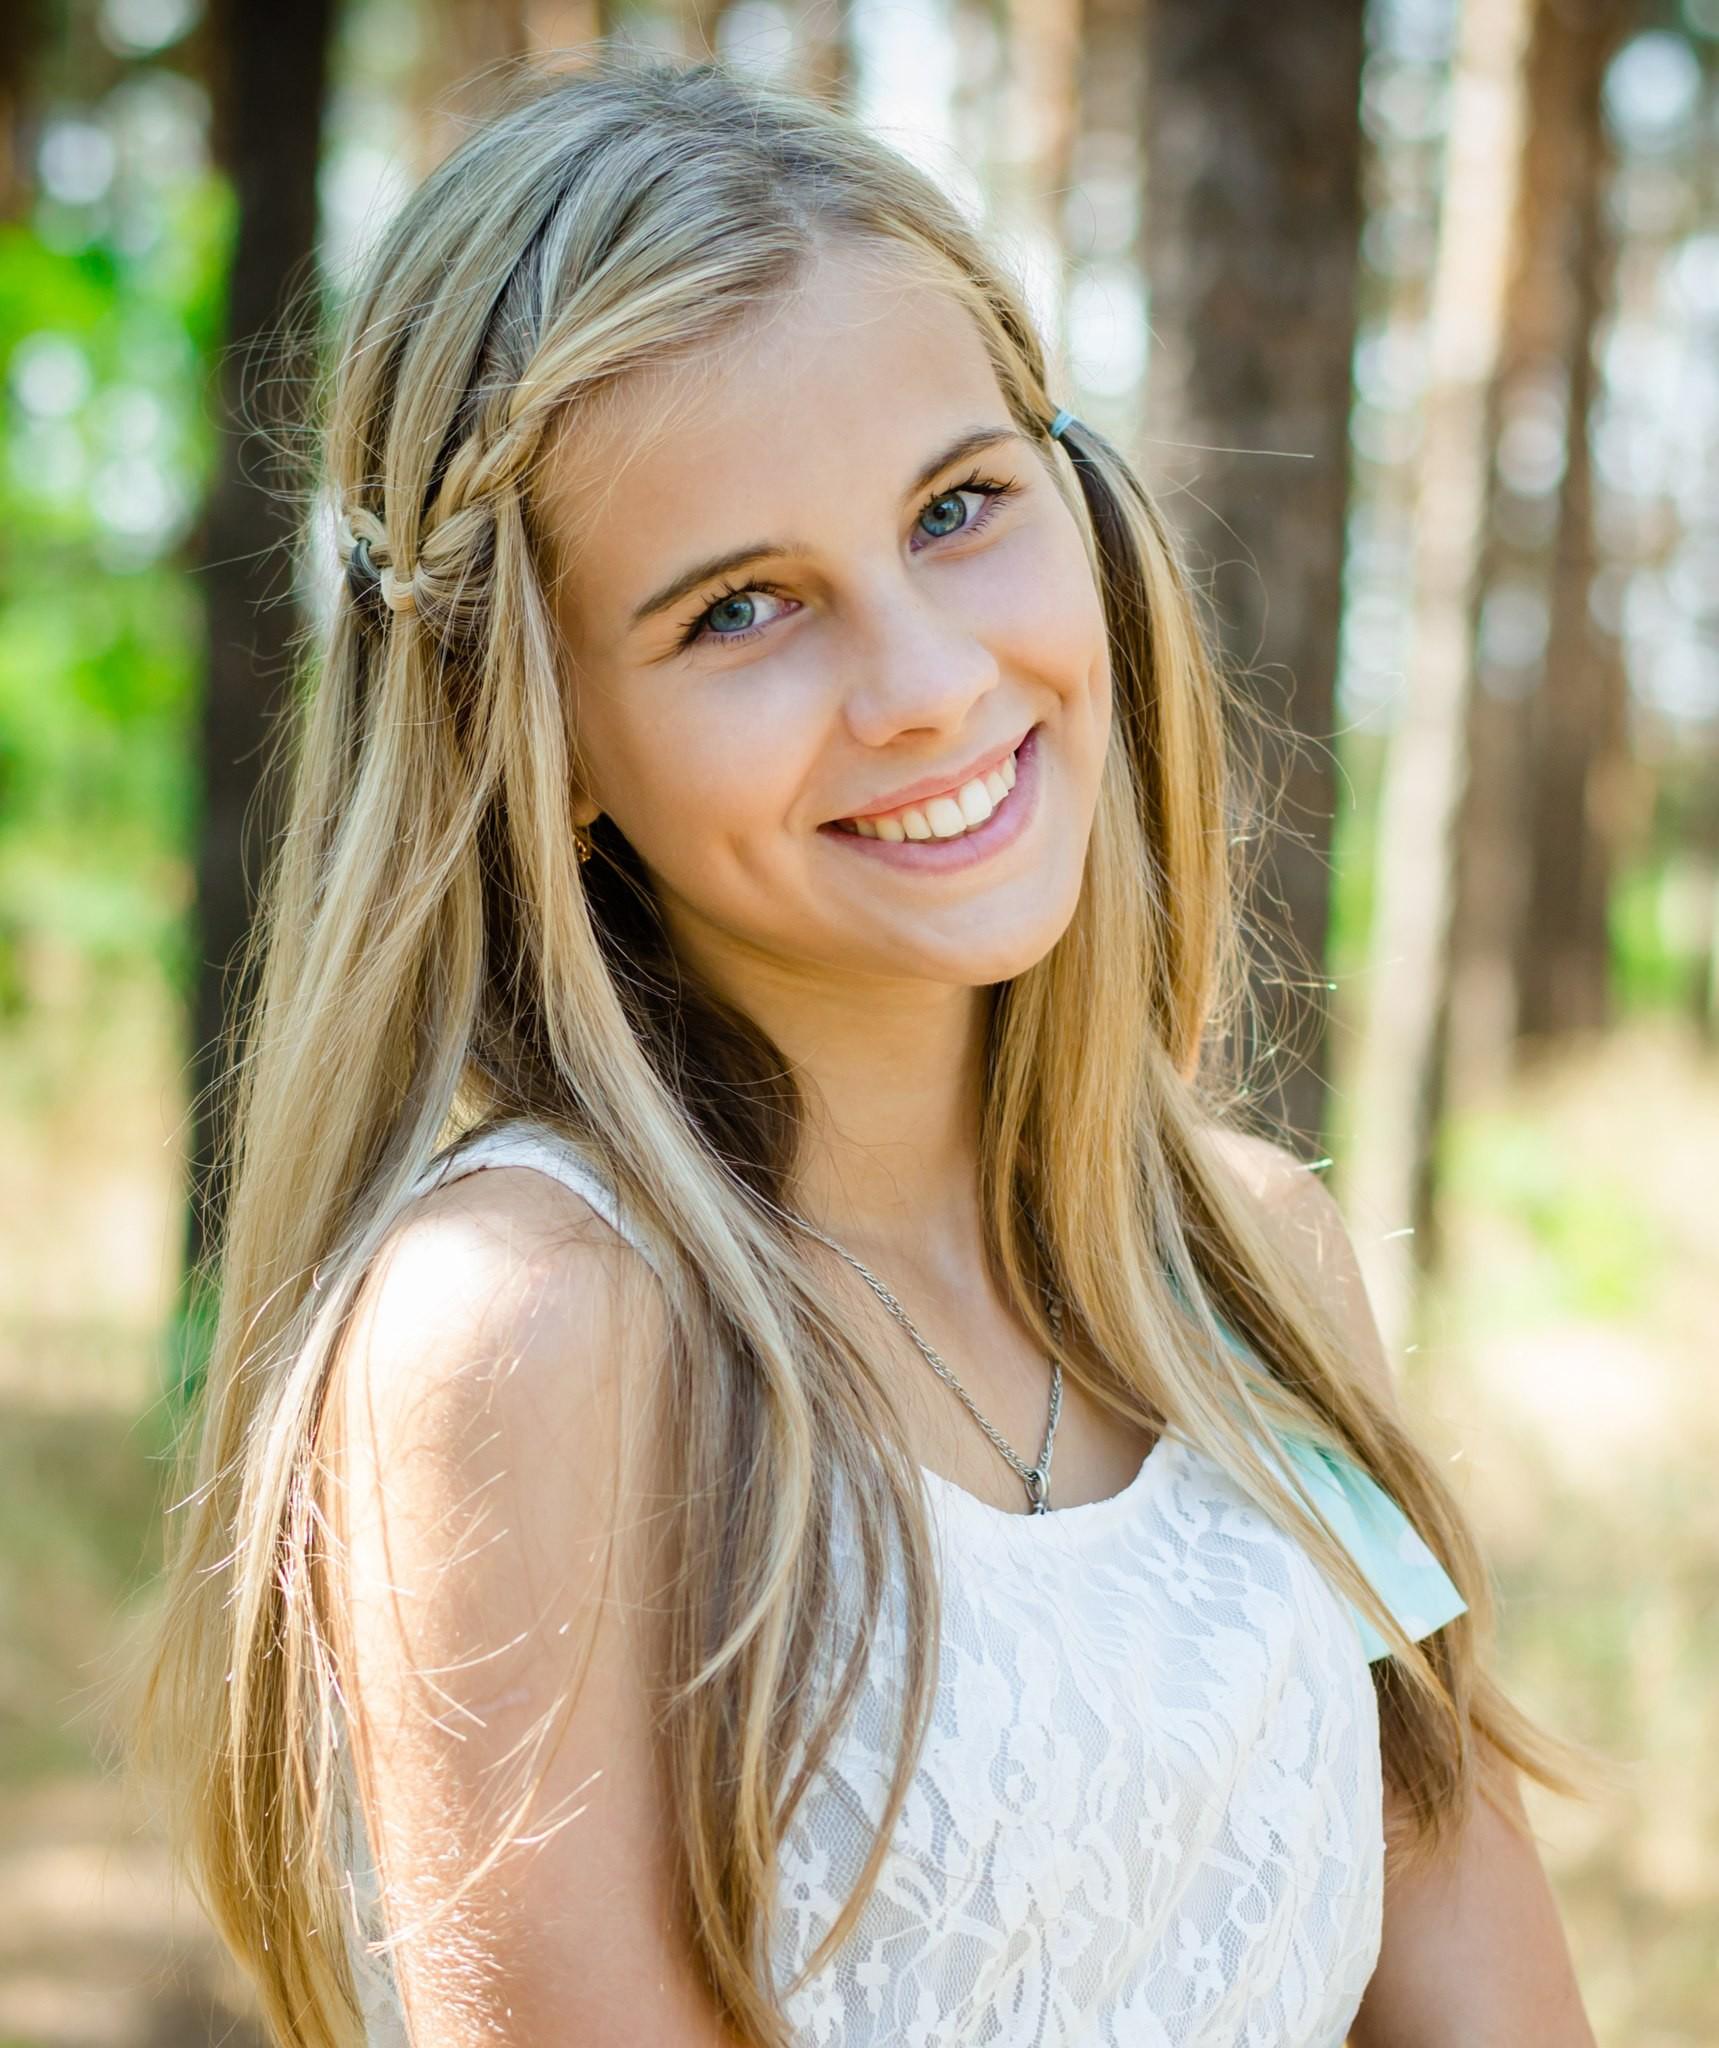 Картинки русых девушек с улыбкой